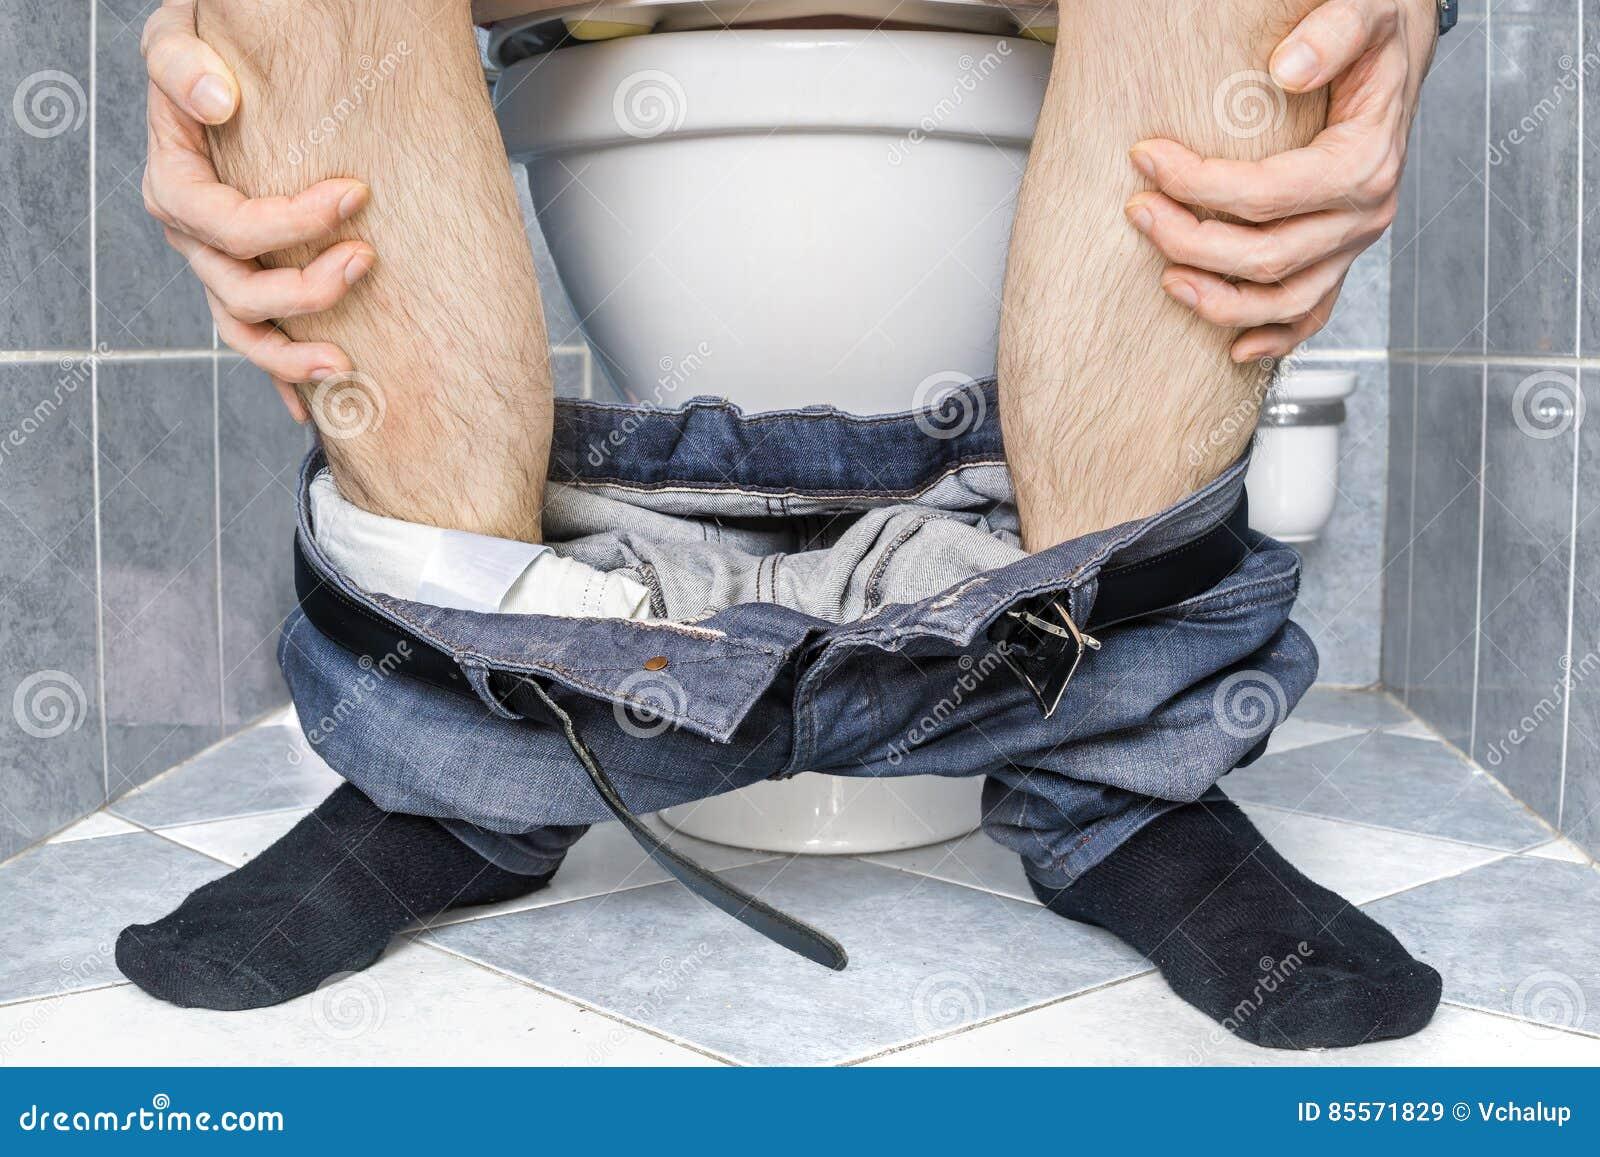 sidit-v-tualete-golaya-na-ulitse-roliki